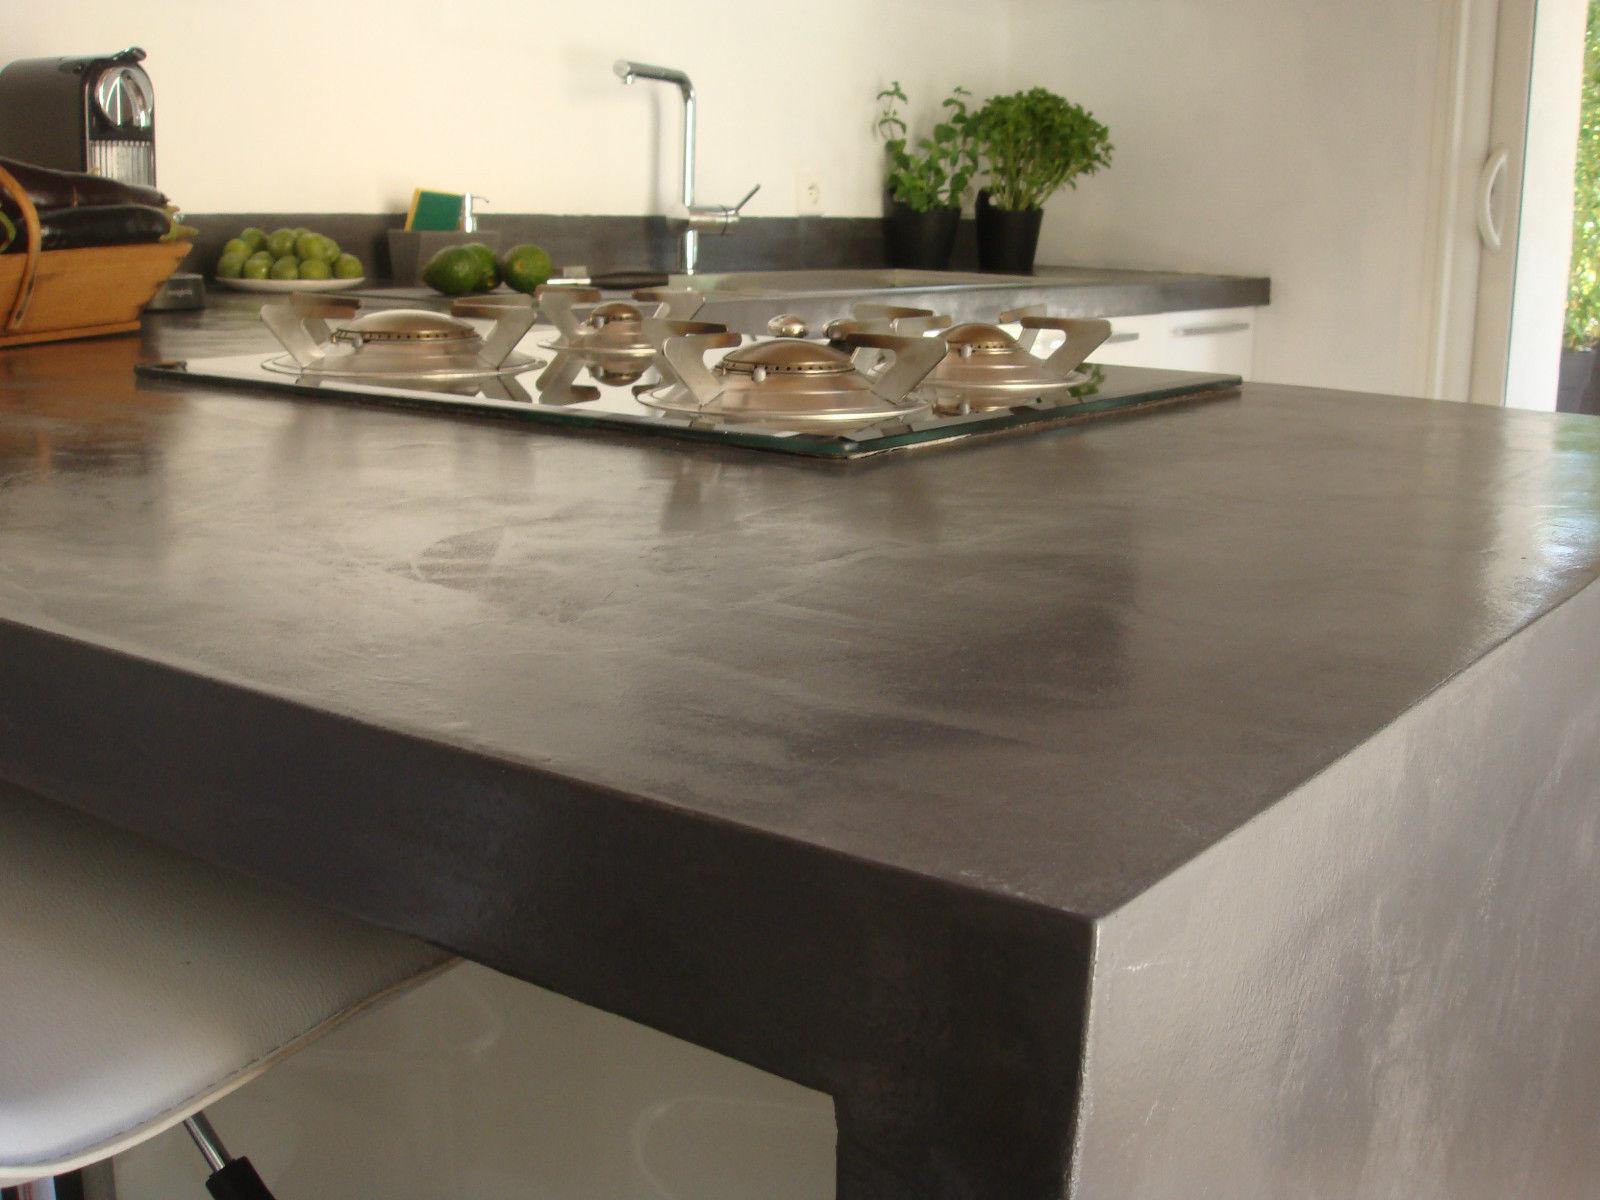 beton k chenarbeitsplatte. Black Bedroom Furniture Sets. Home Design Ideas